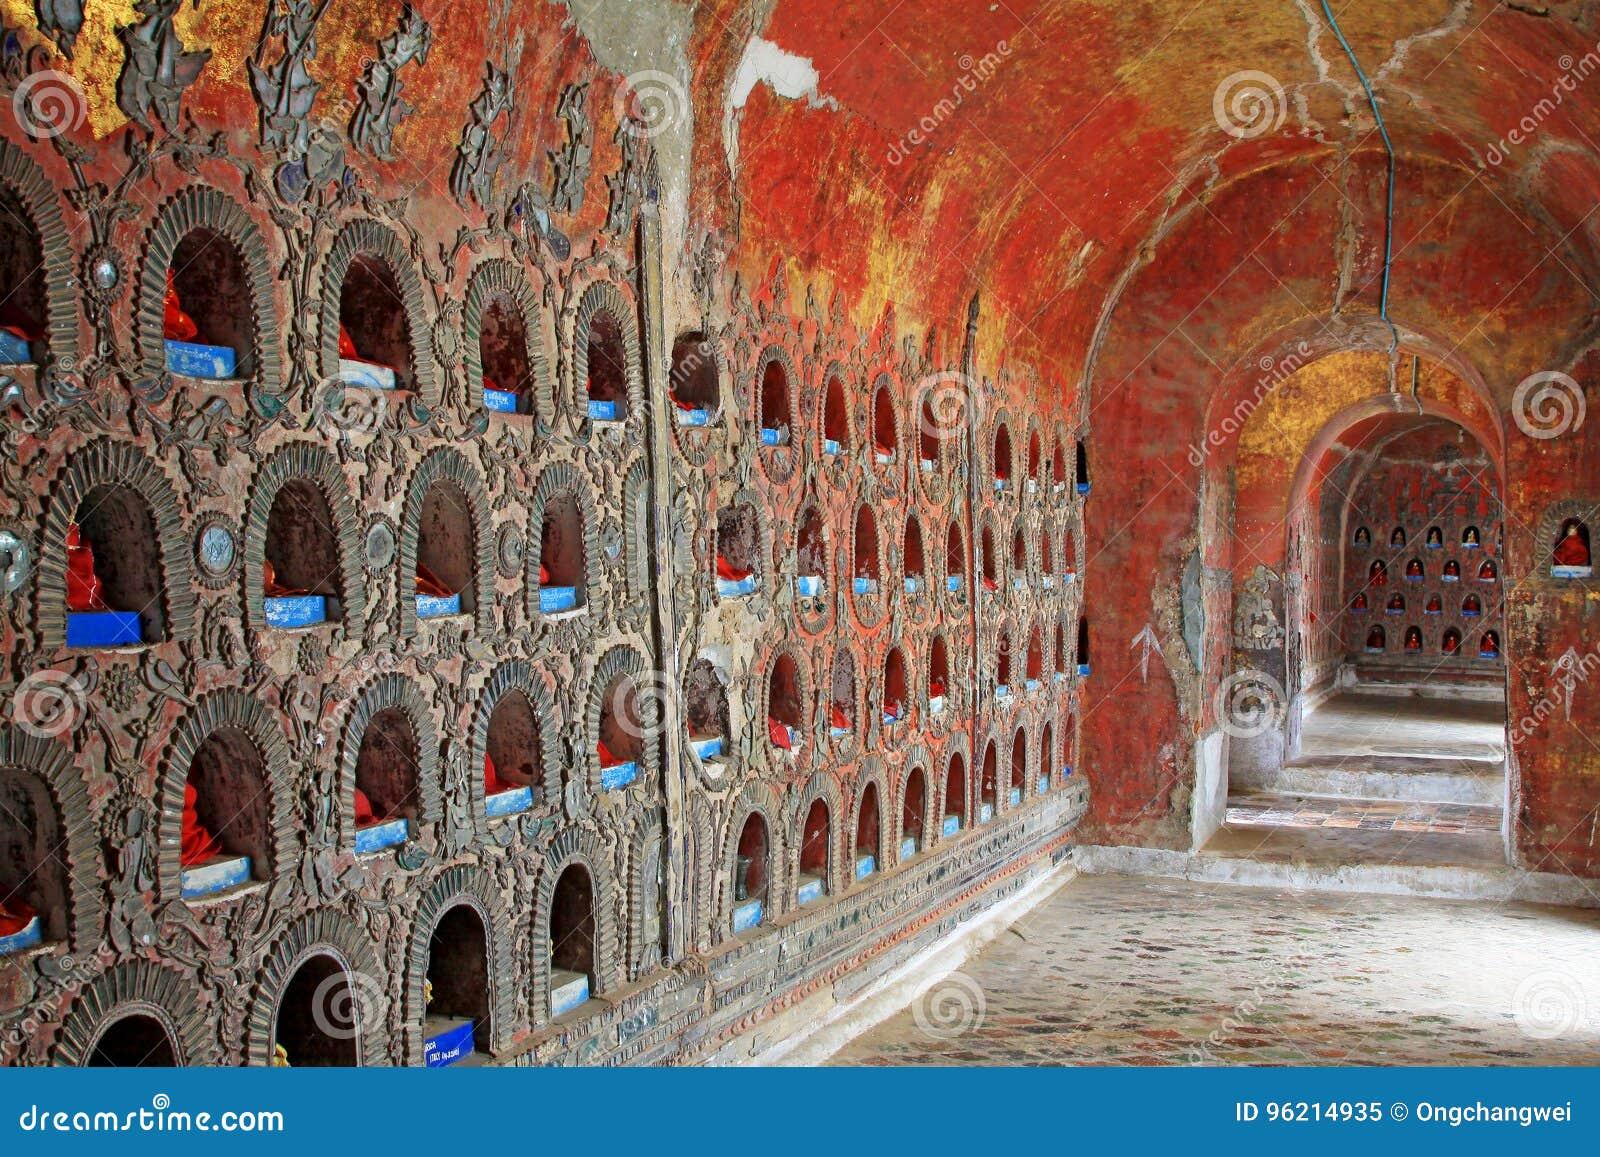 Shwe Yan Pyay Monastery, Nyaungshwe, Myanmar